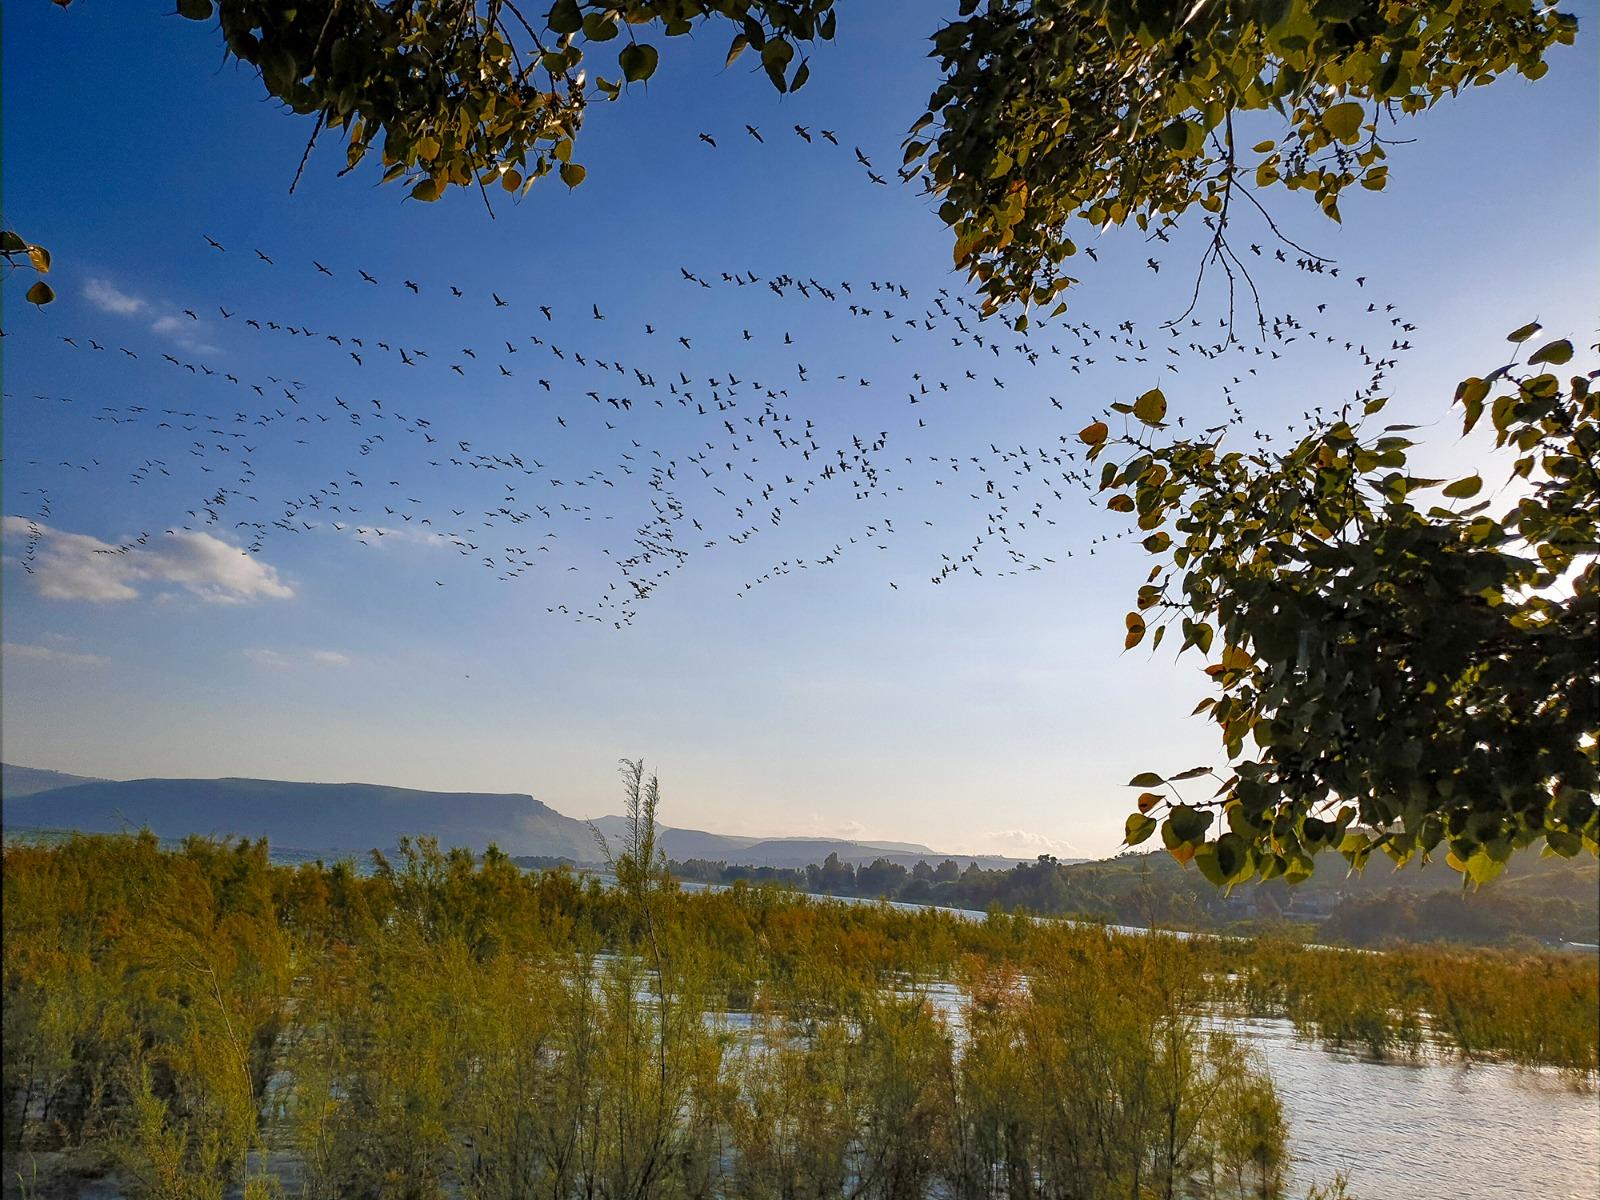 Vogelschwarm über dem See Gennesaret